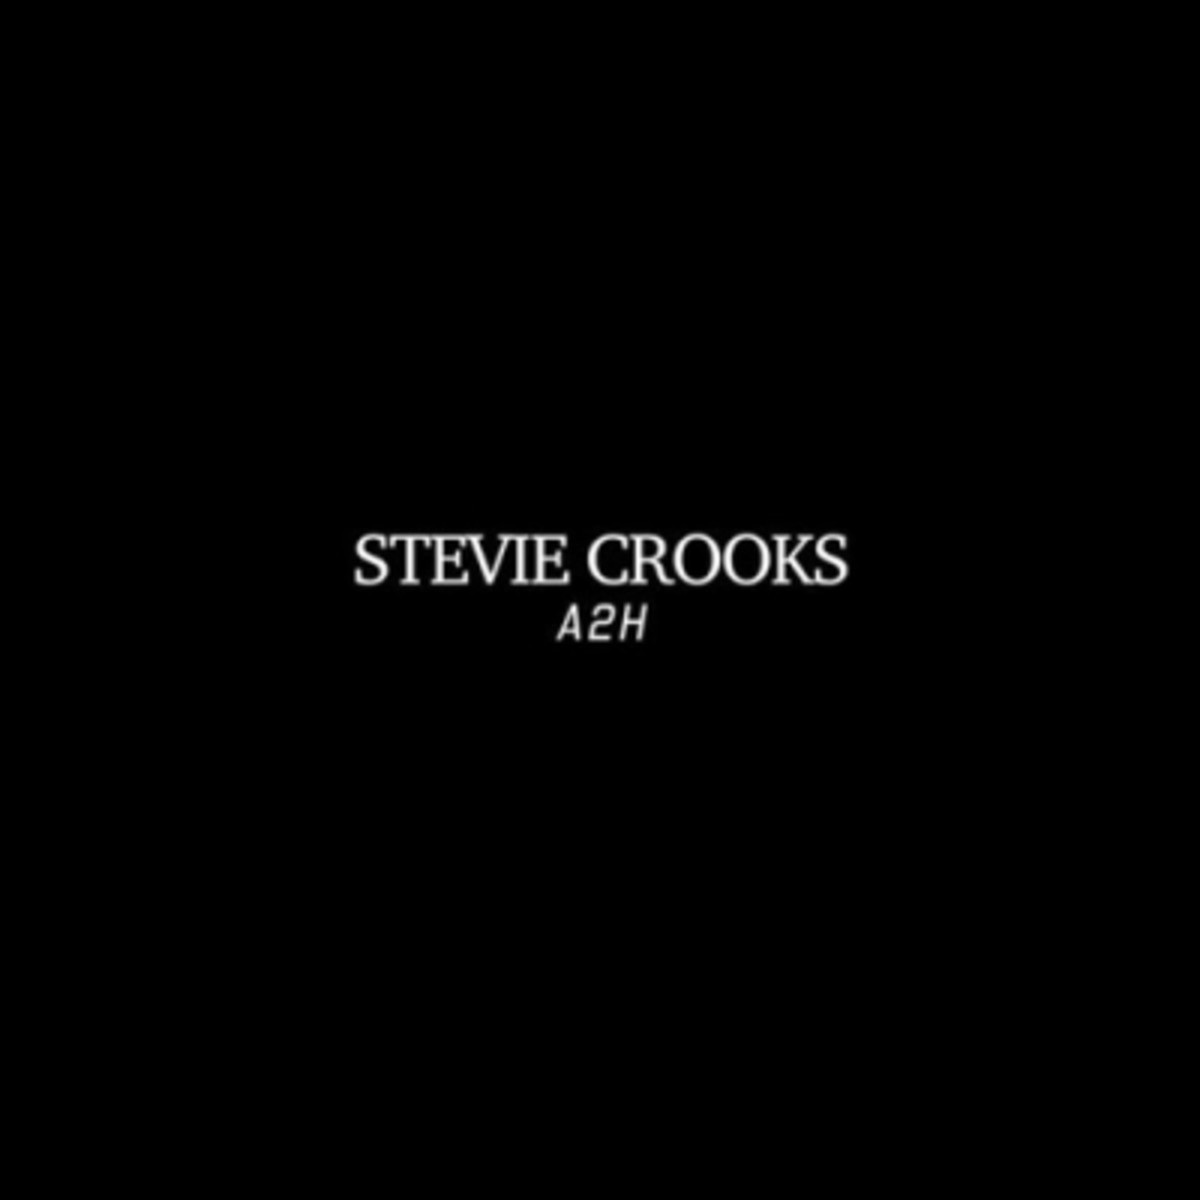 stevie-crooks-a2h.jpg